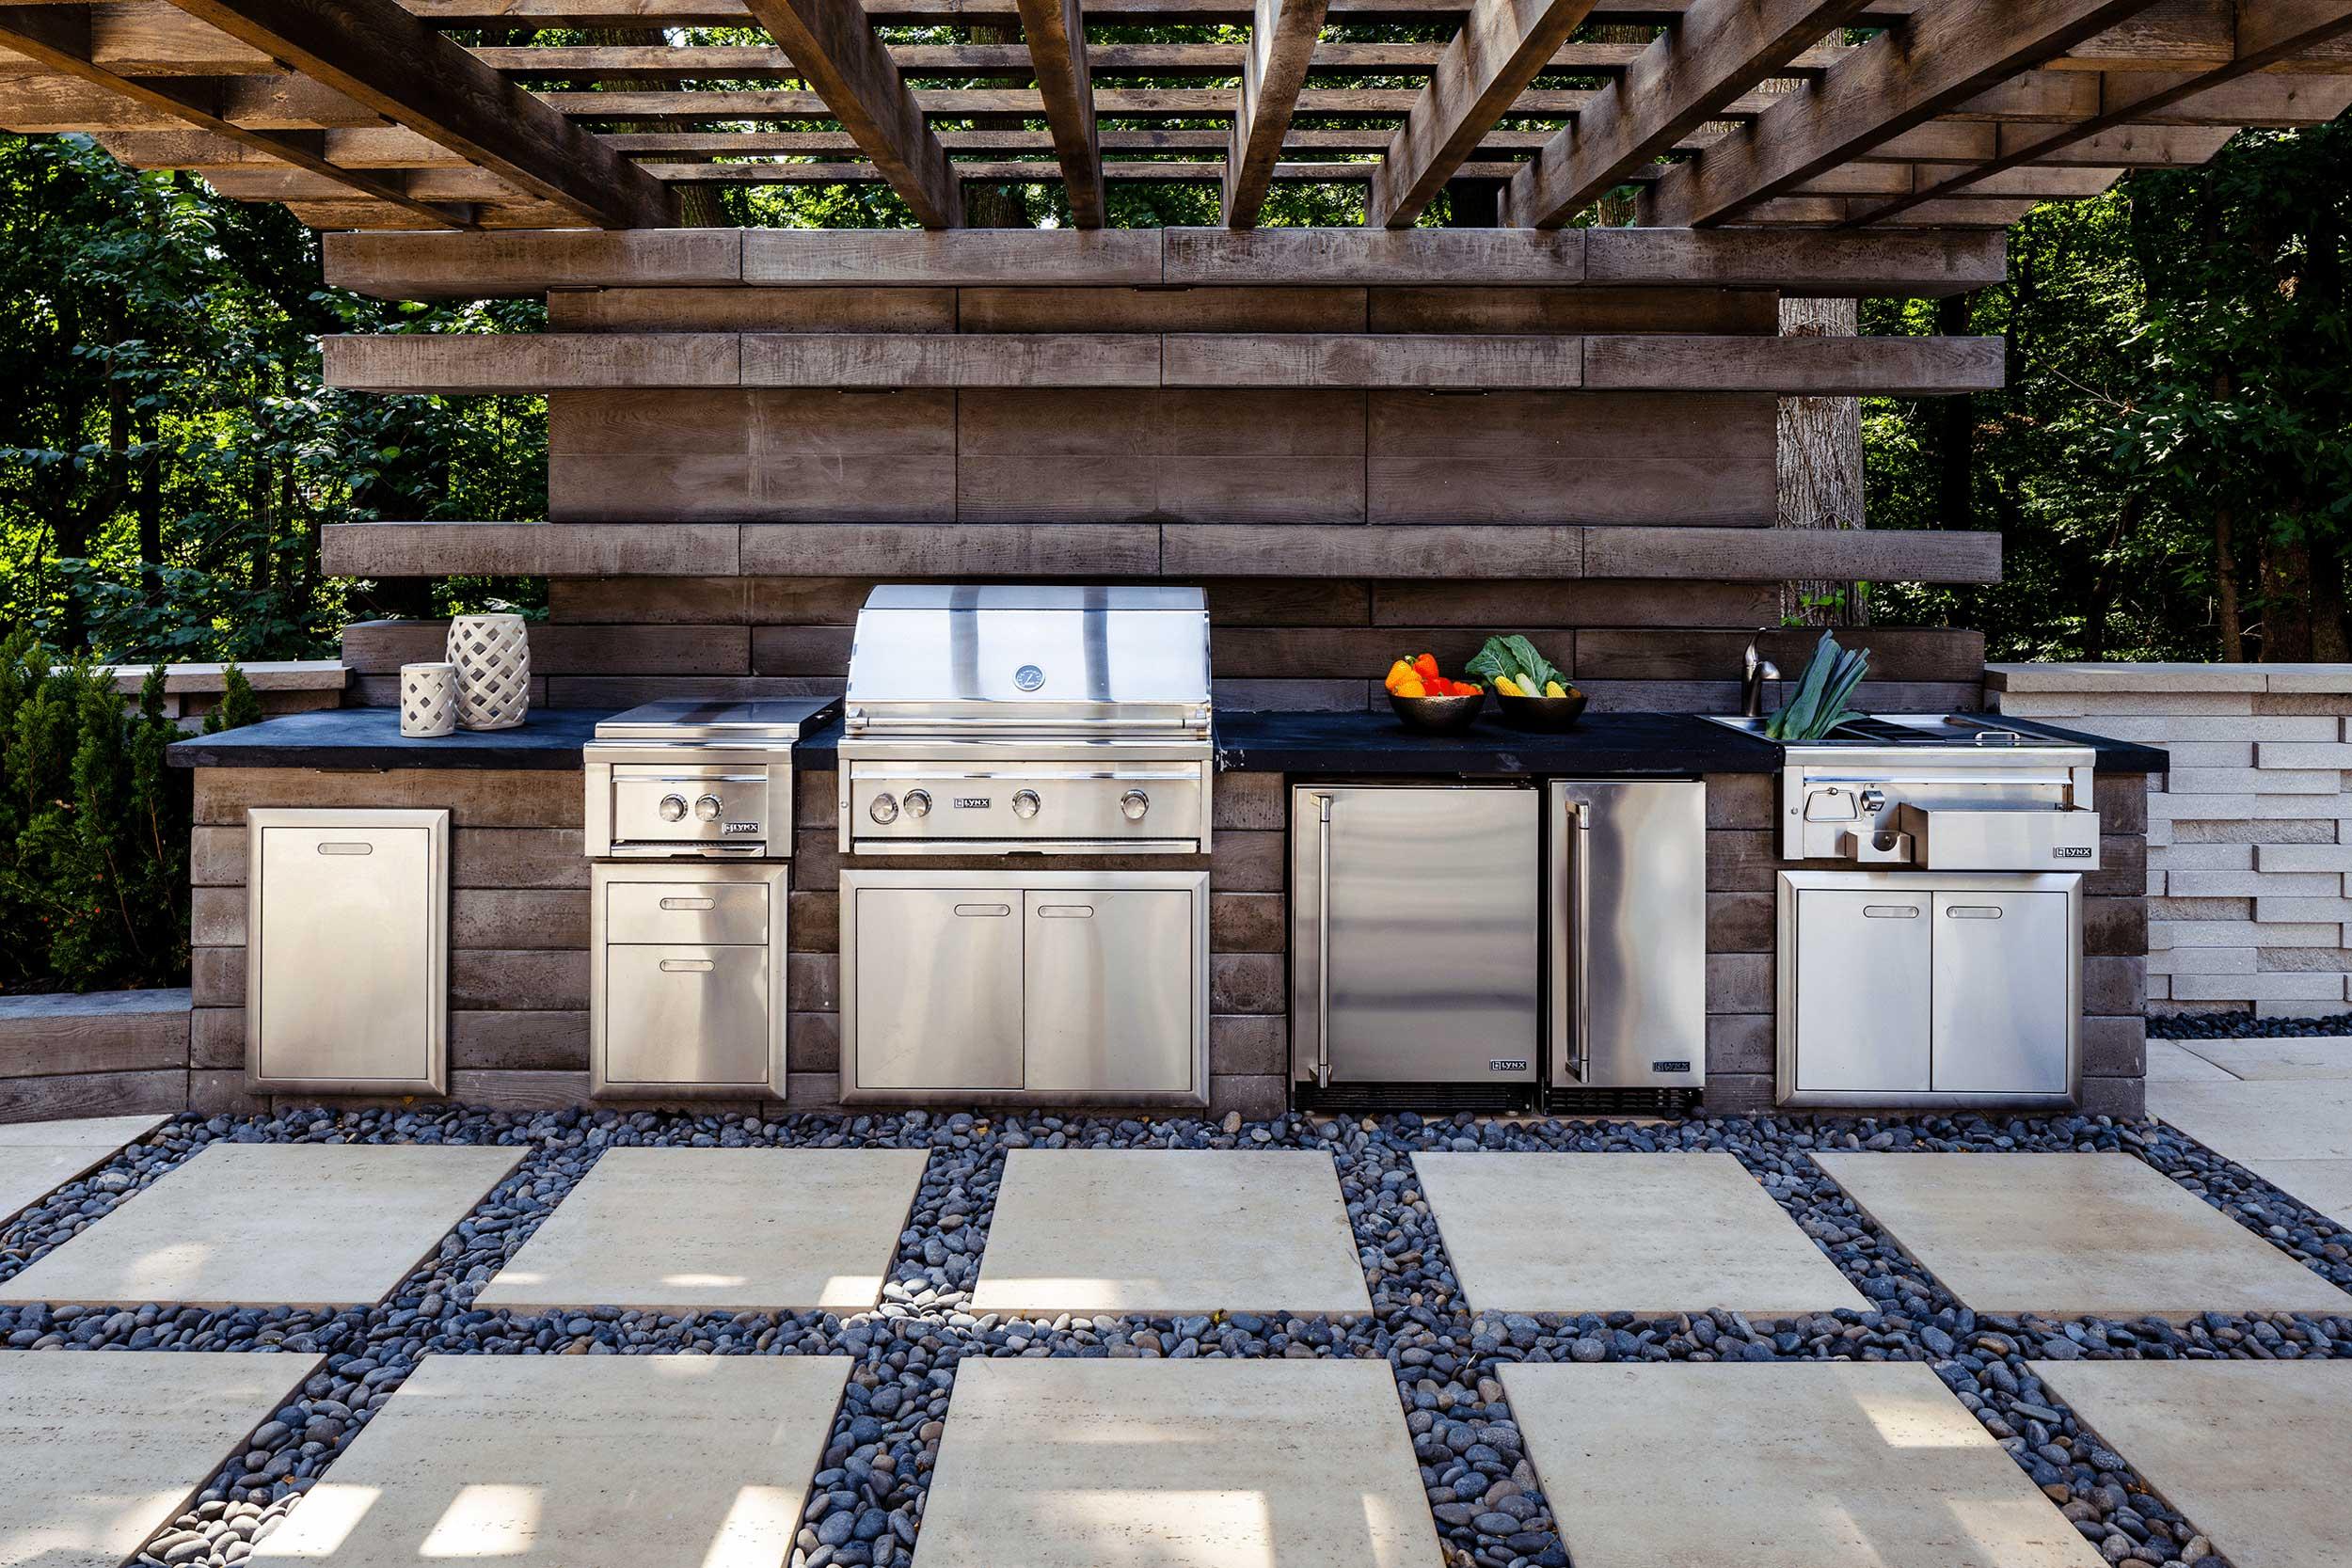 ایده های جذاب برای طراحی آشپزخانه در فضای خارجی